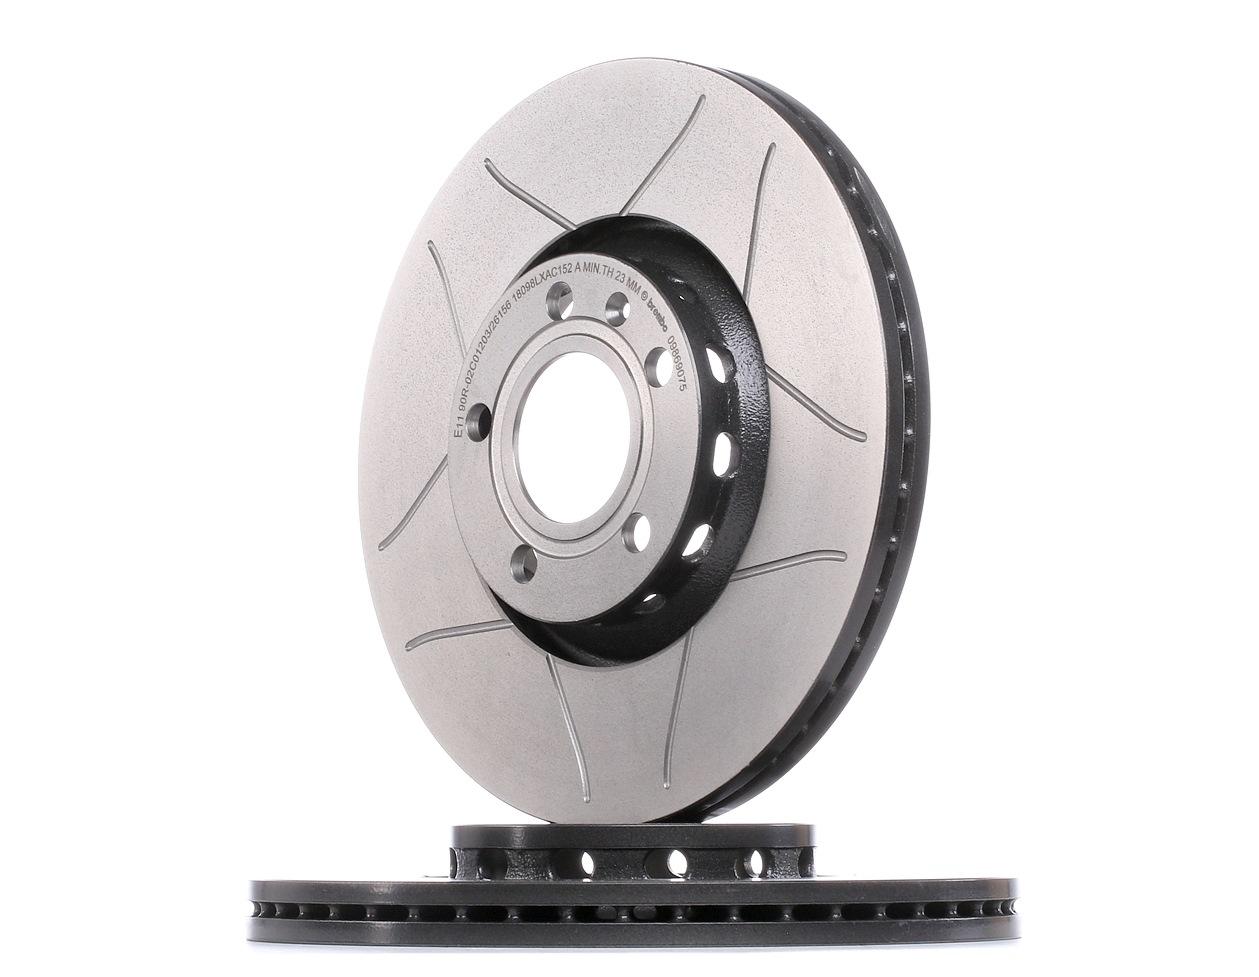 Achetez Disque de frein BREMBO 09.8690.75 (Ø: 312mm, Nbre de trous: 5, Épaisseur du disque de frein: 25mm) à un rapport qualité-prix exceptionnel